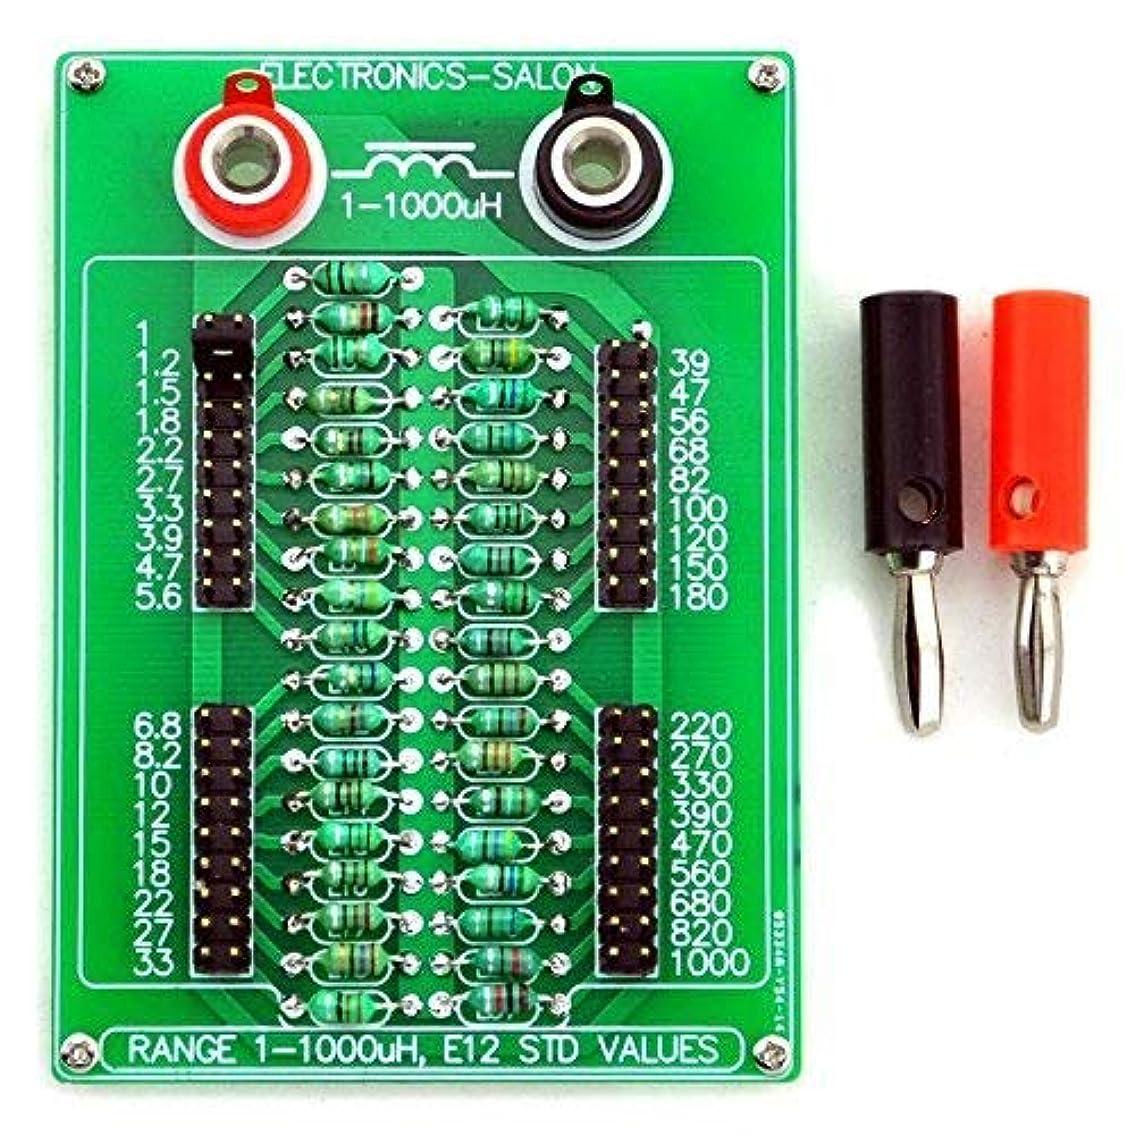 道路を作るプロセス命令支出Electronics-Salon E12標準 37 値プログラマブルインダクタボード1000uhする1uh